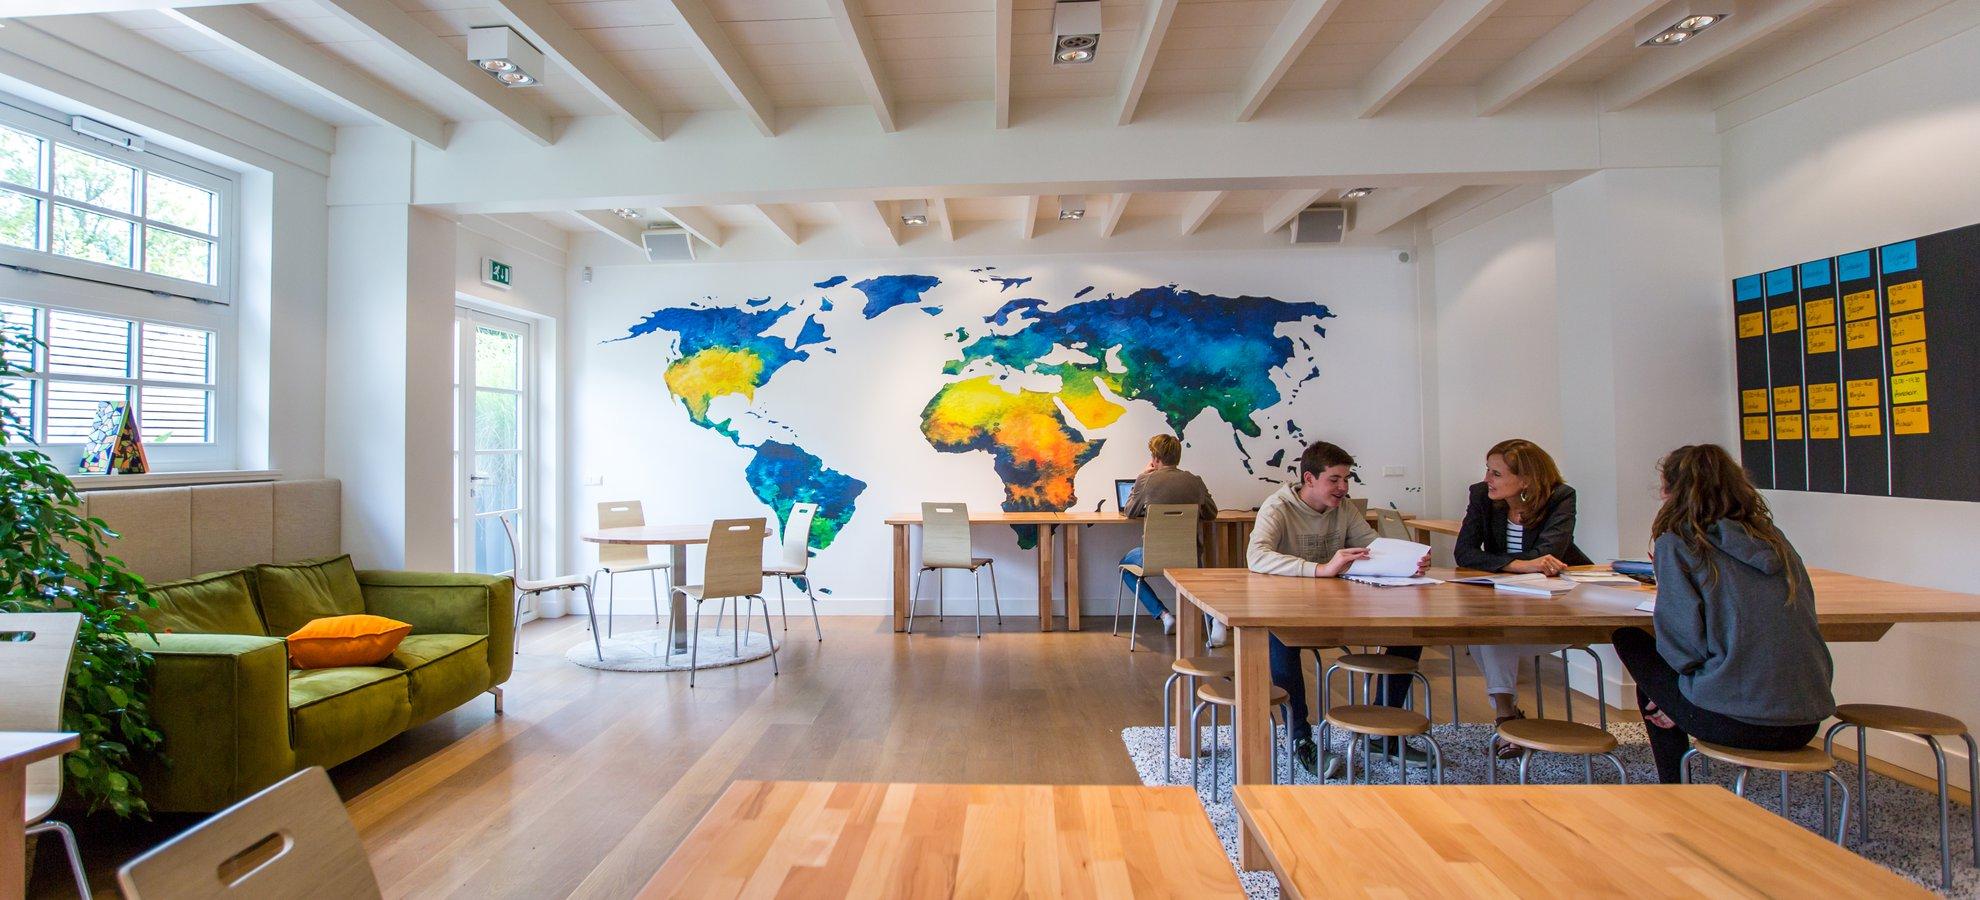 wereldkaart-behang-in school